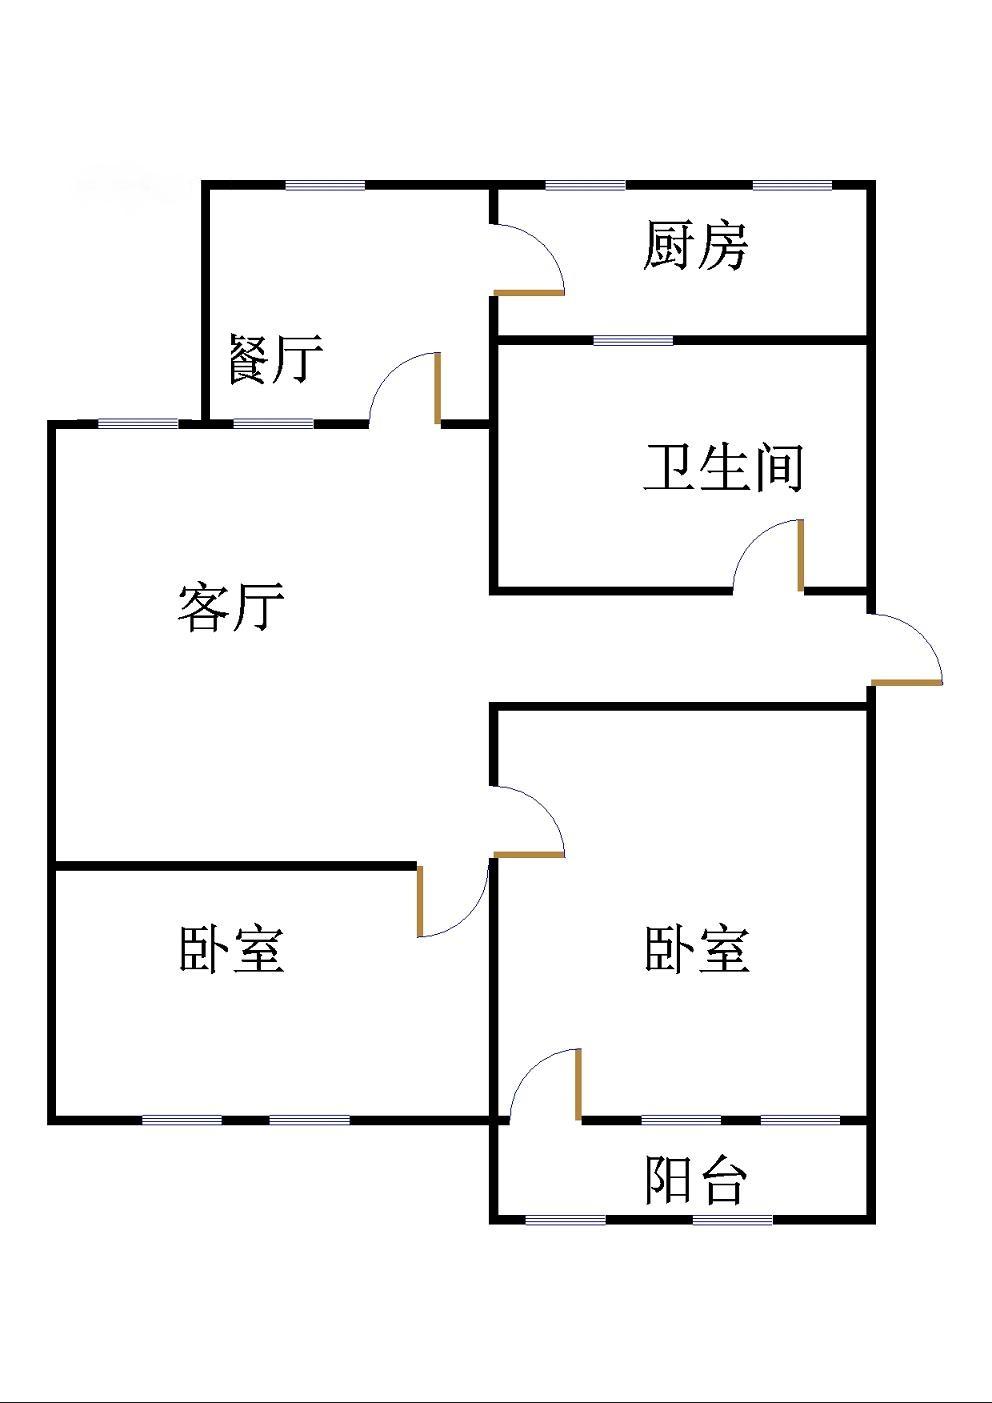 水利局宿舍 2室2厅 6楼